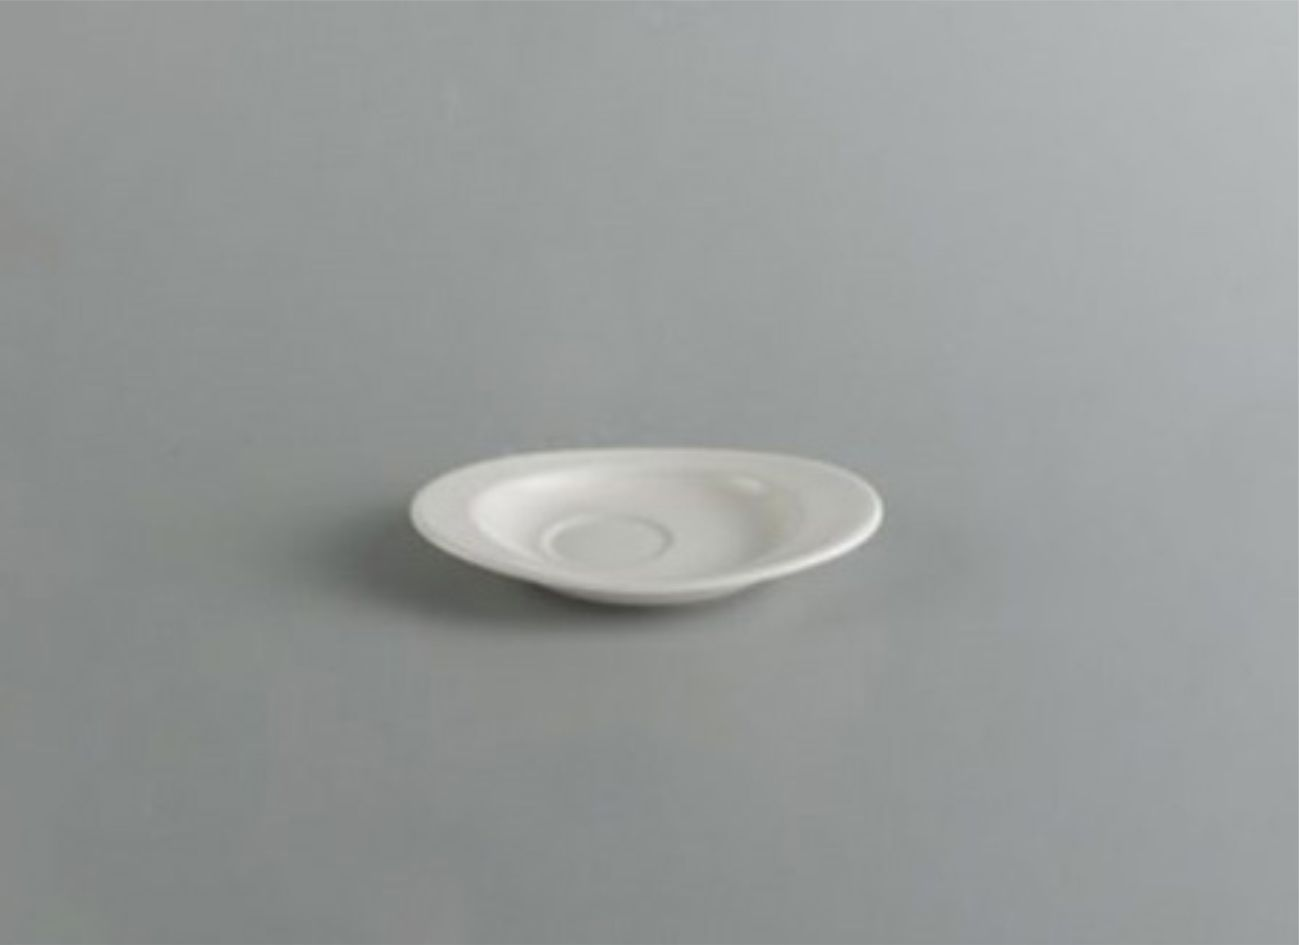 Dĩa lót oval 16 x 12cm Daisy Lys Trắng Ngà 571643000